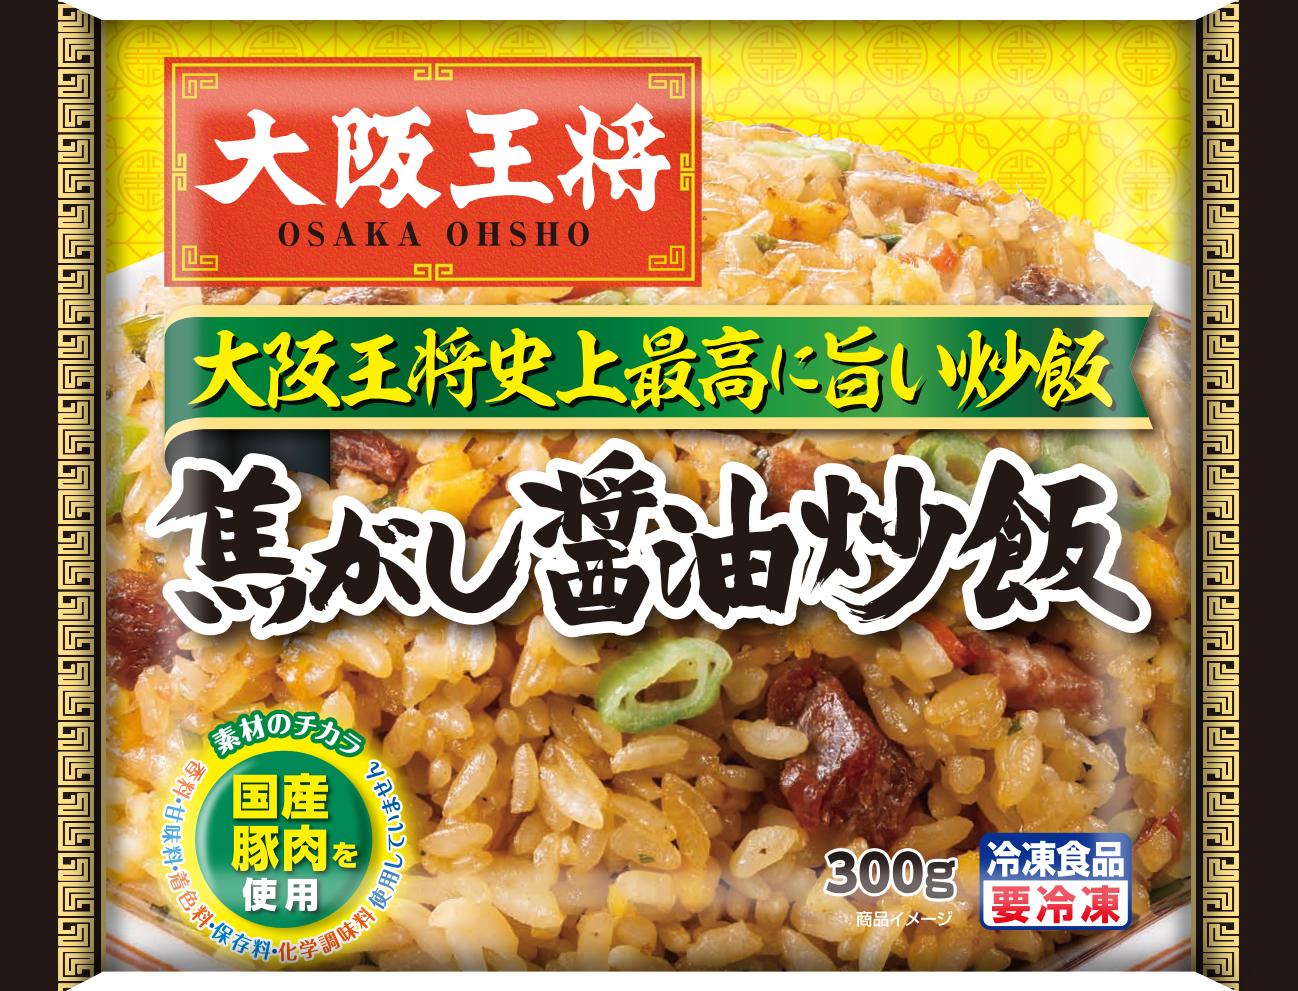 2020年秋、大阪王将史上最高に旨い炒飯!!が登場 「焦がし醤油炒飯」